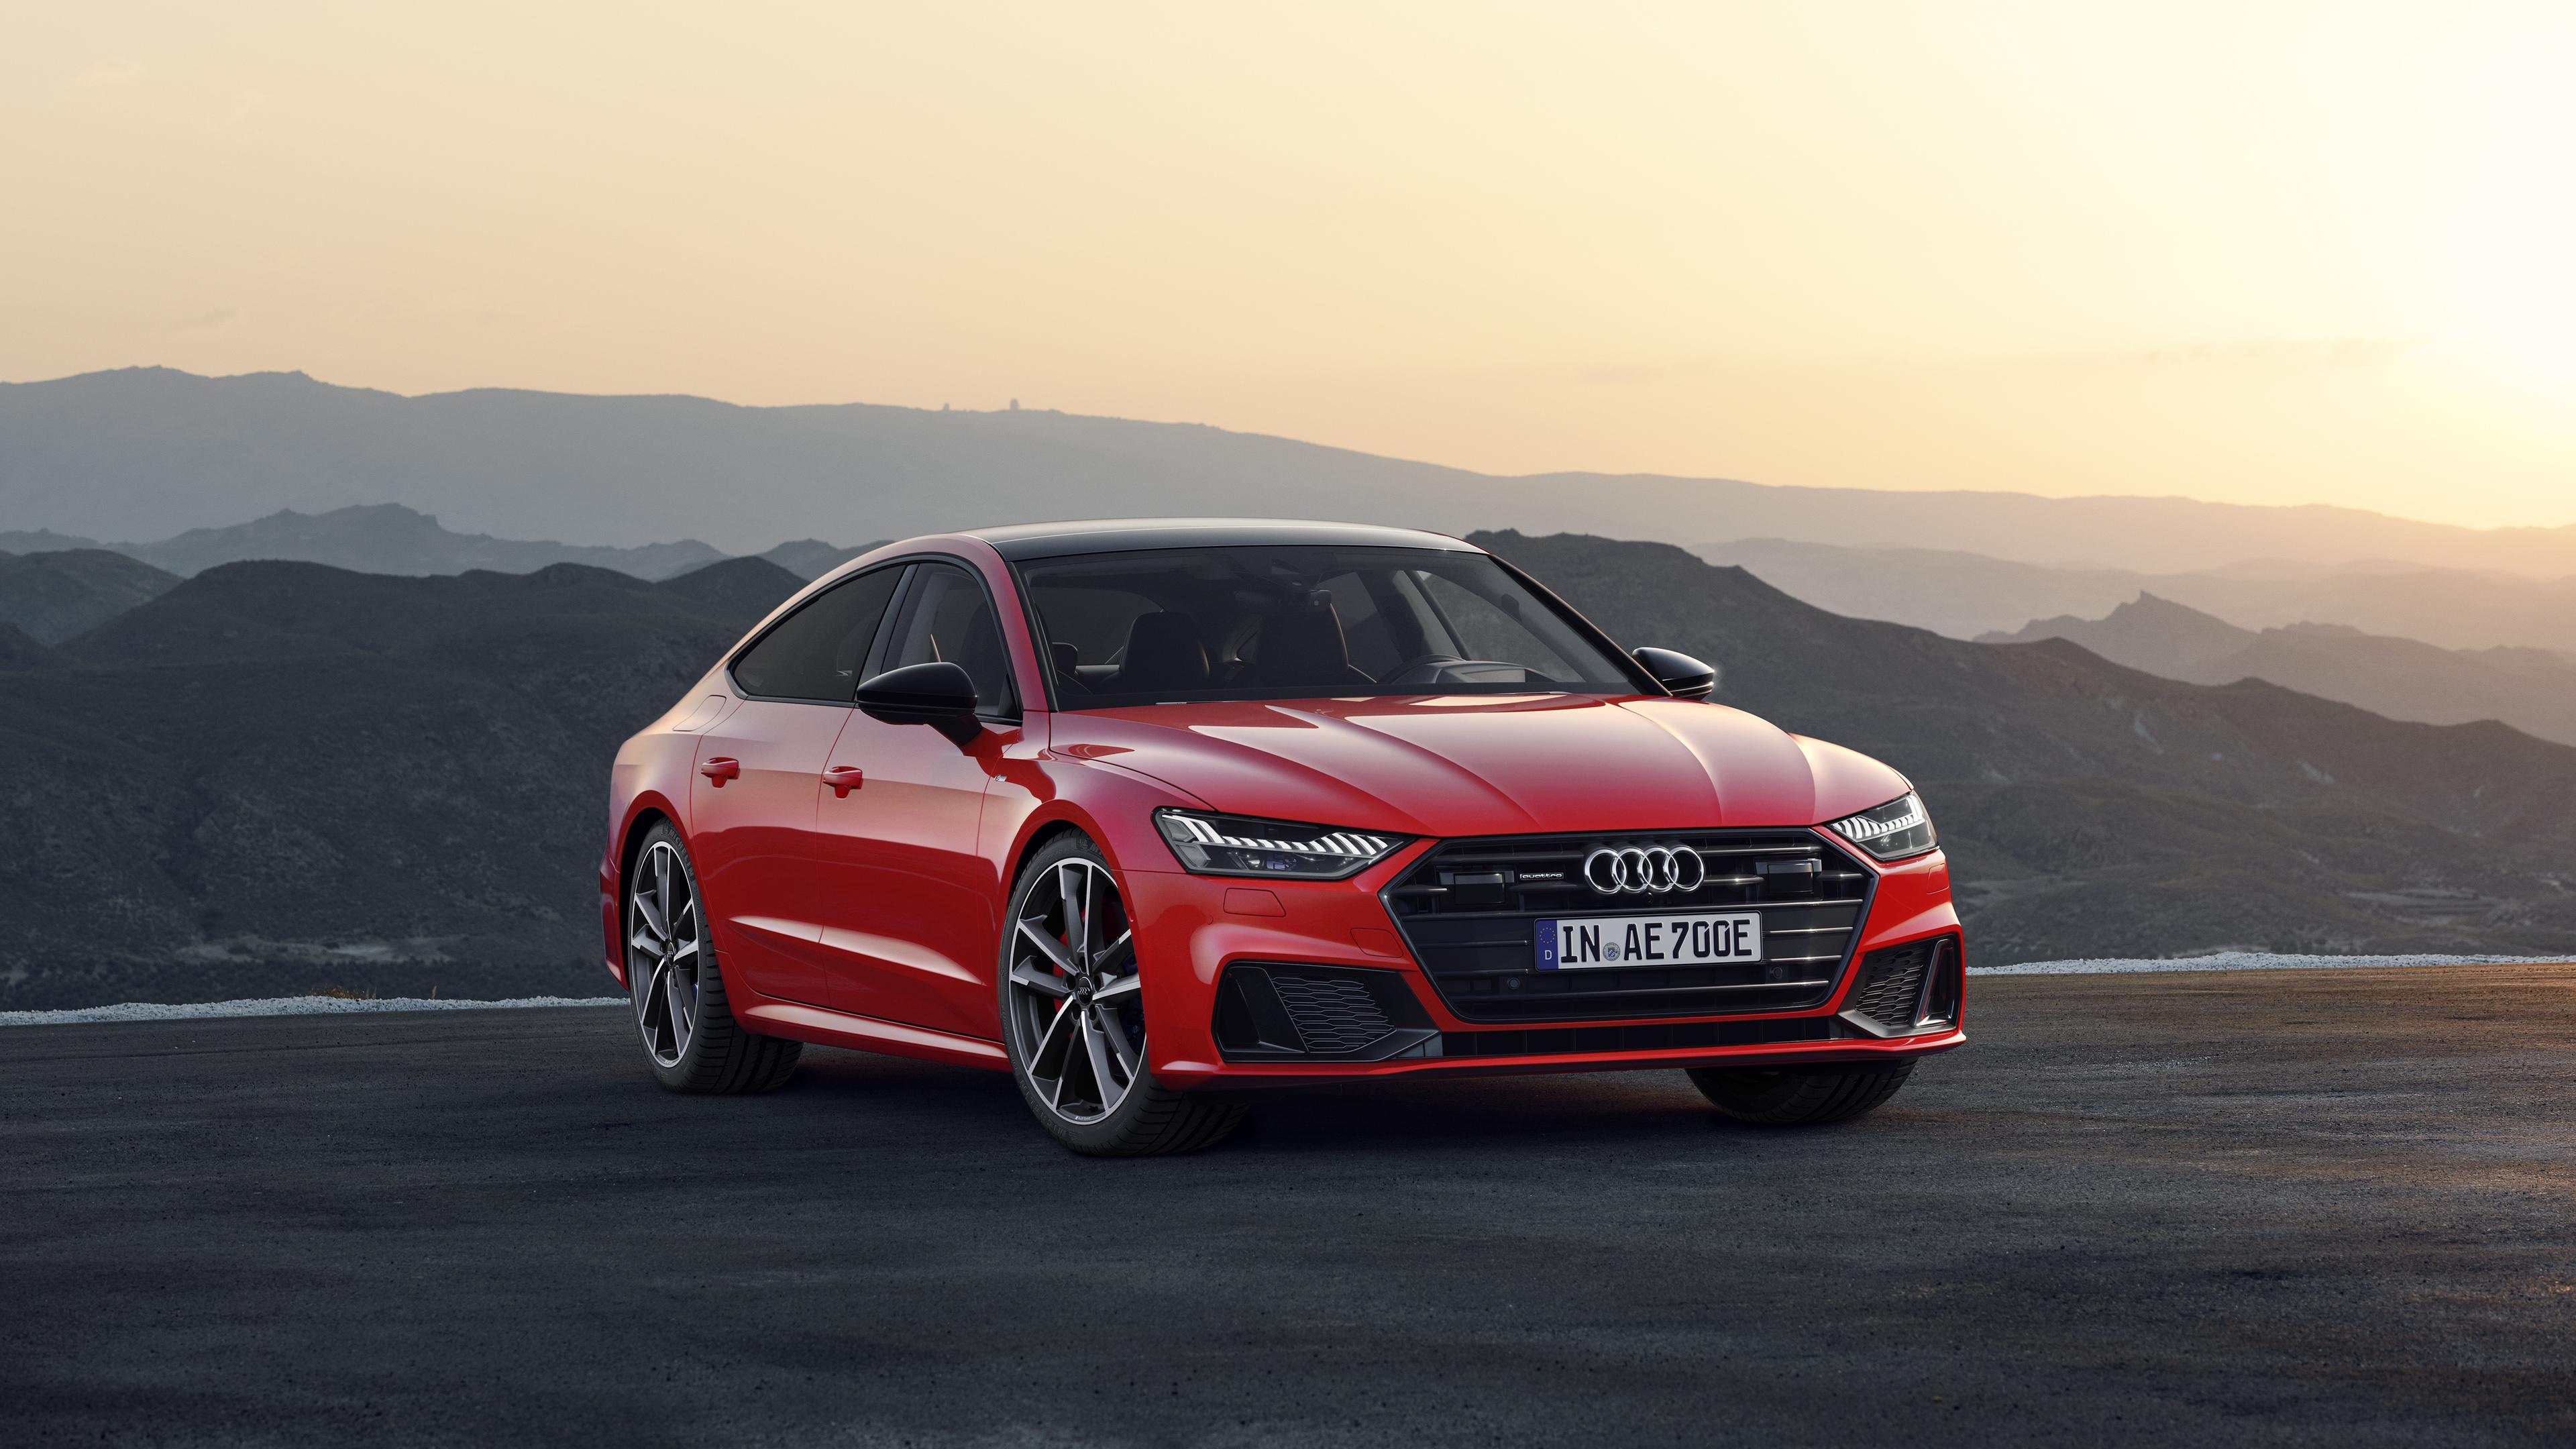 audi a7 sportback 4k 1553075828 - Audi A7 Sportback 4k - hd-wallpapers, cars wallpapers, audi wallpapers, audi a7 wallpapers, 5k wallpapers, 4k-wallpapers